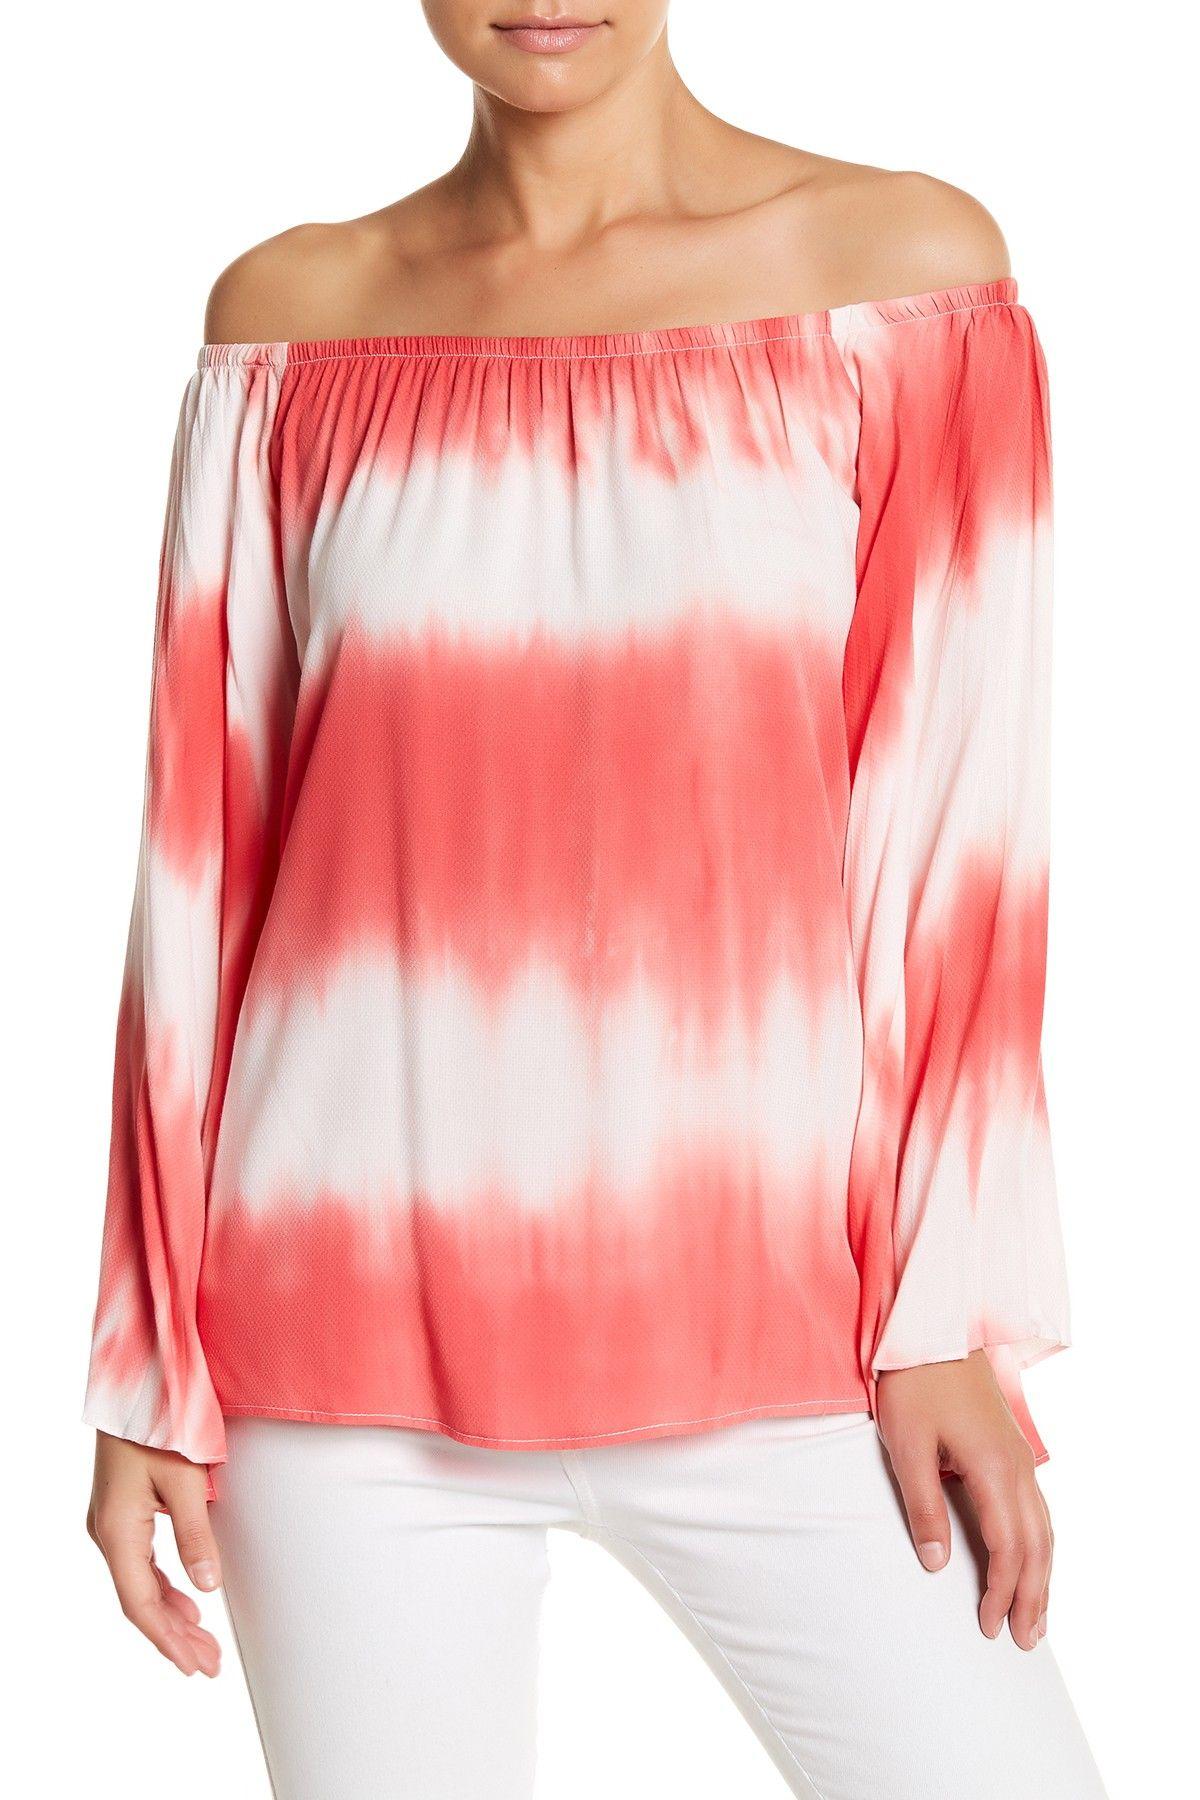 d7c39b47c73dd8 Eliya Off-the-Shoulder Tie-Dye Shirt by VAVA by Joy Han on ...